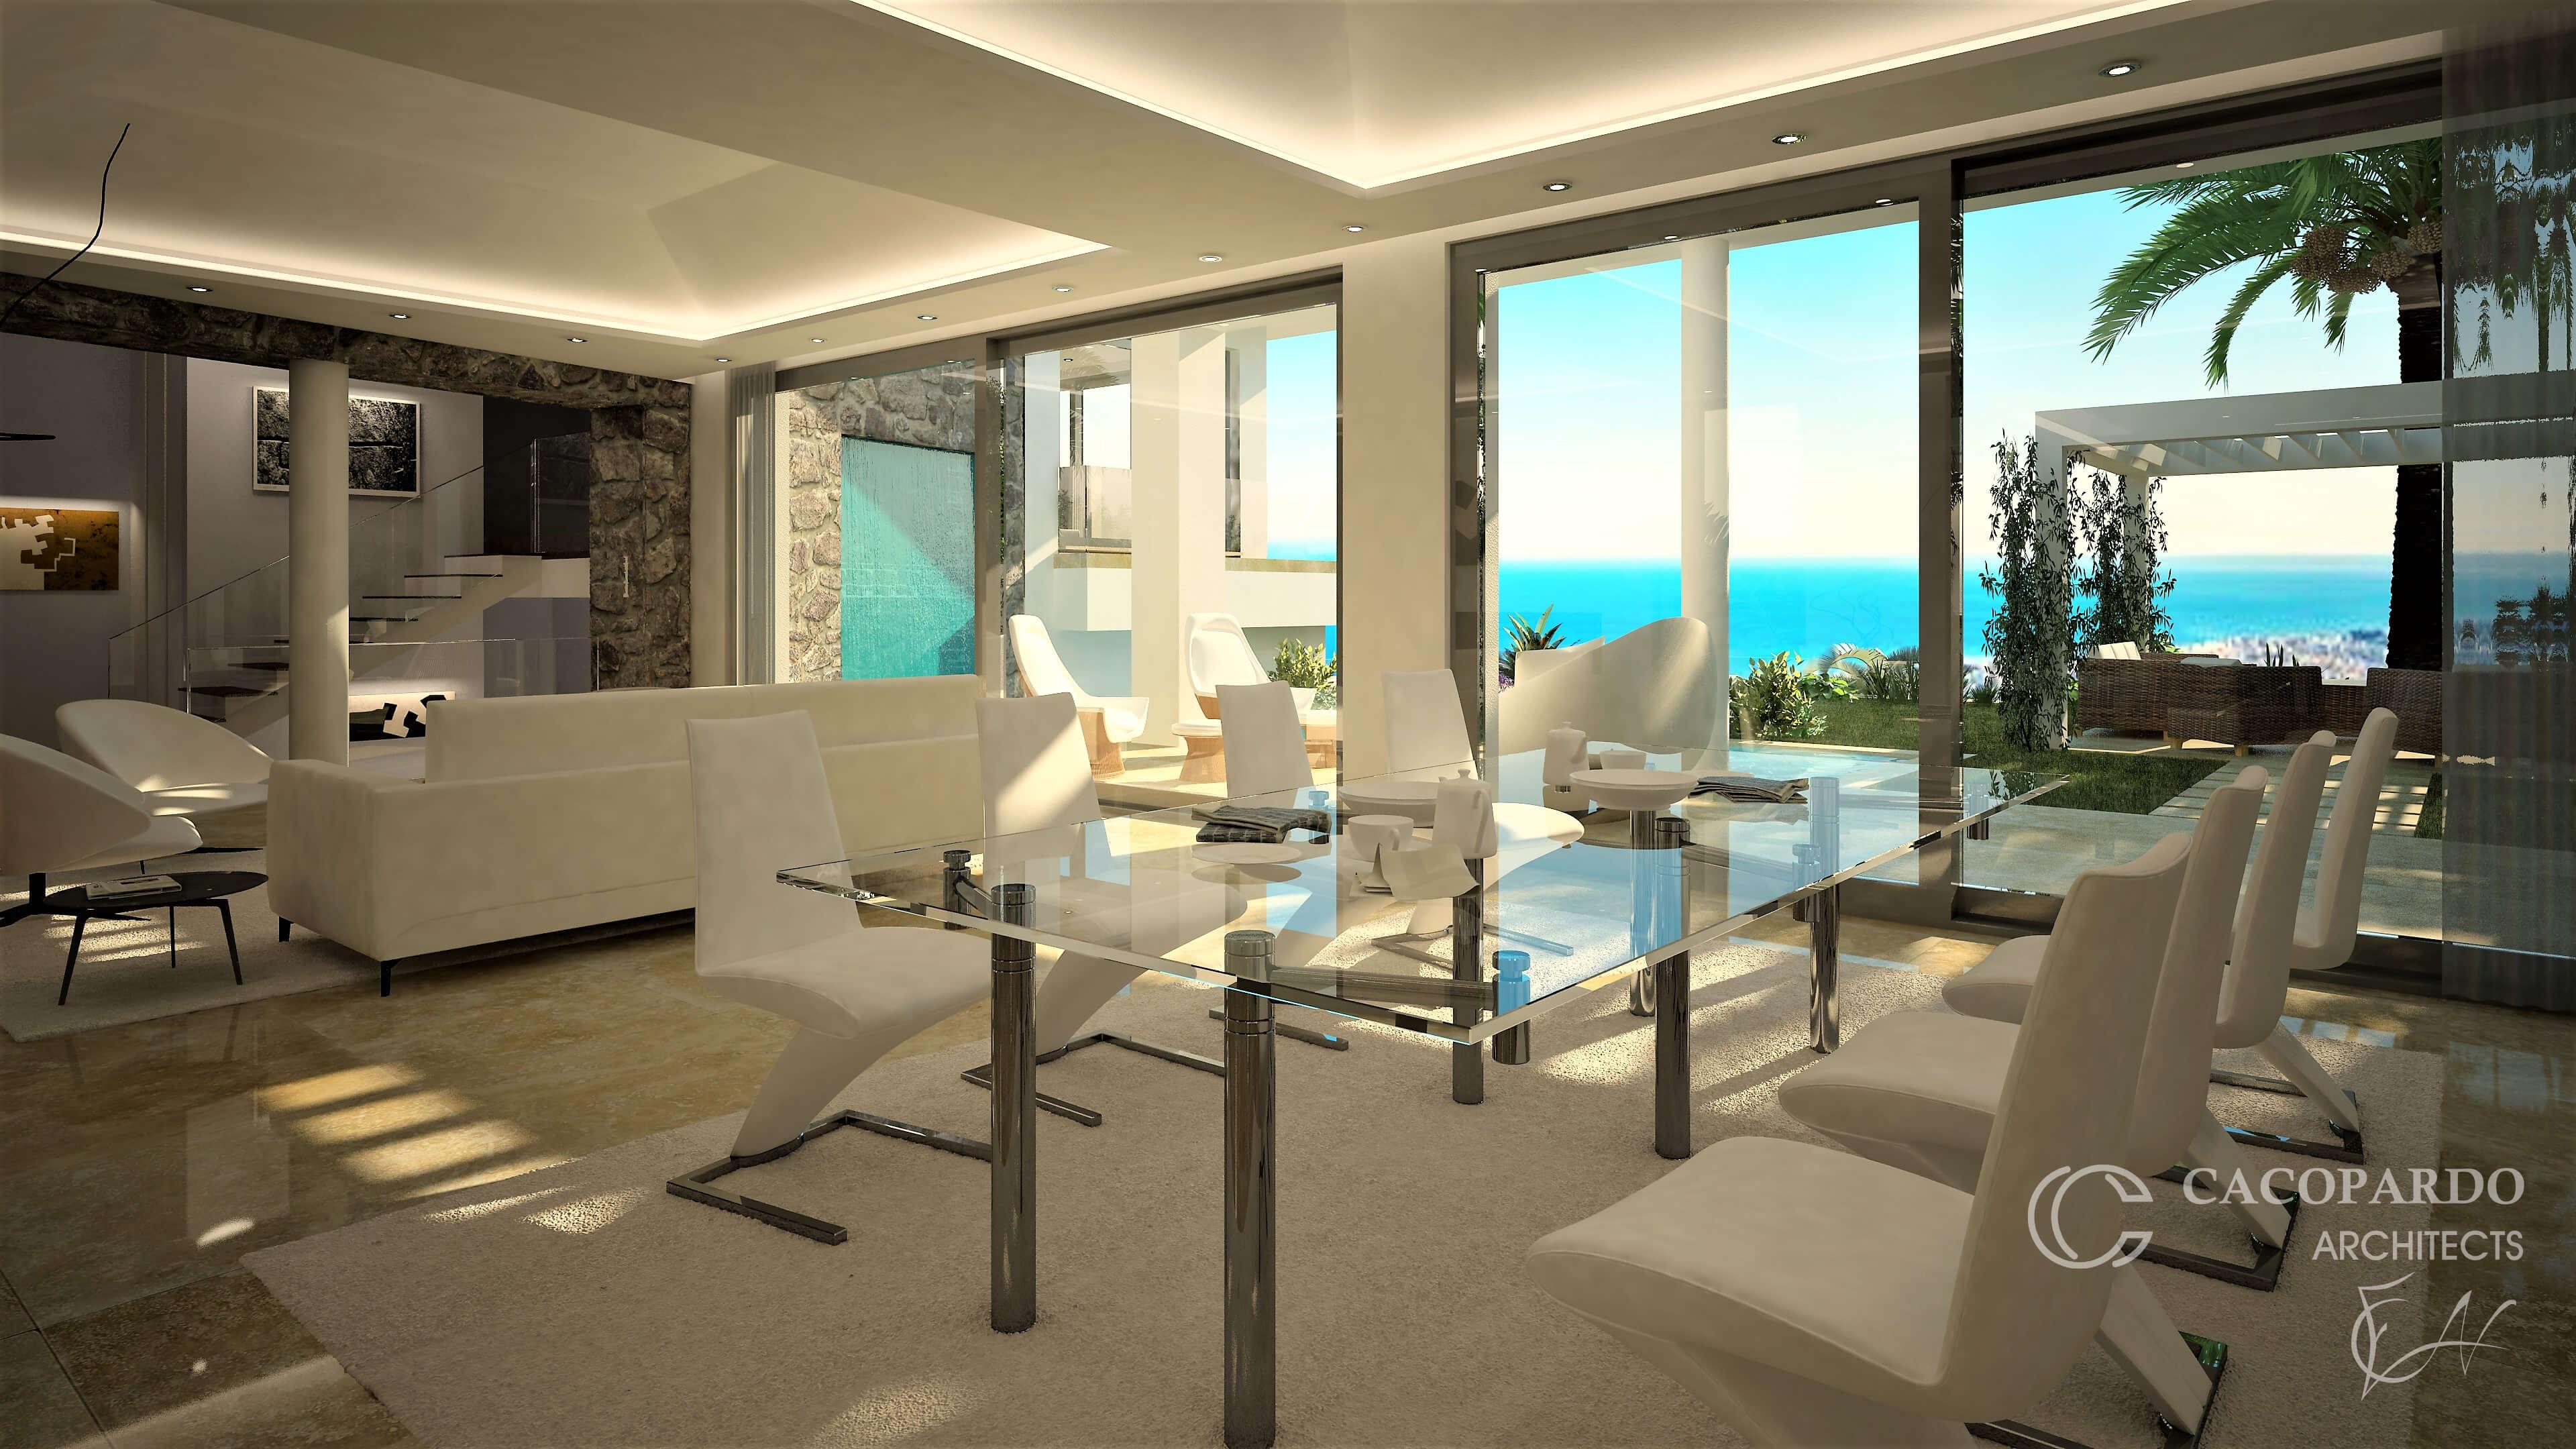 Vista del salón2-Villa 2-Urbanización Monteromero, La Cala de Mijas-Costa del Sol